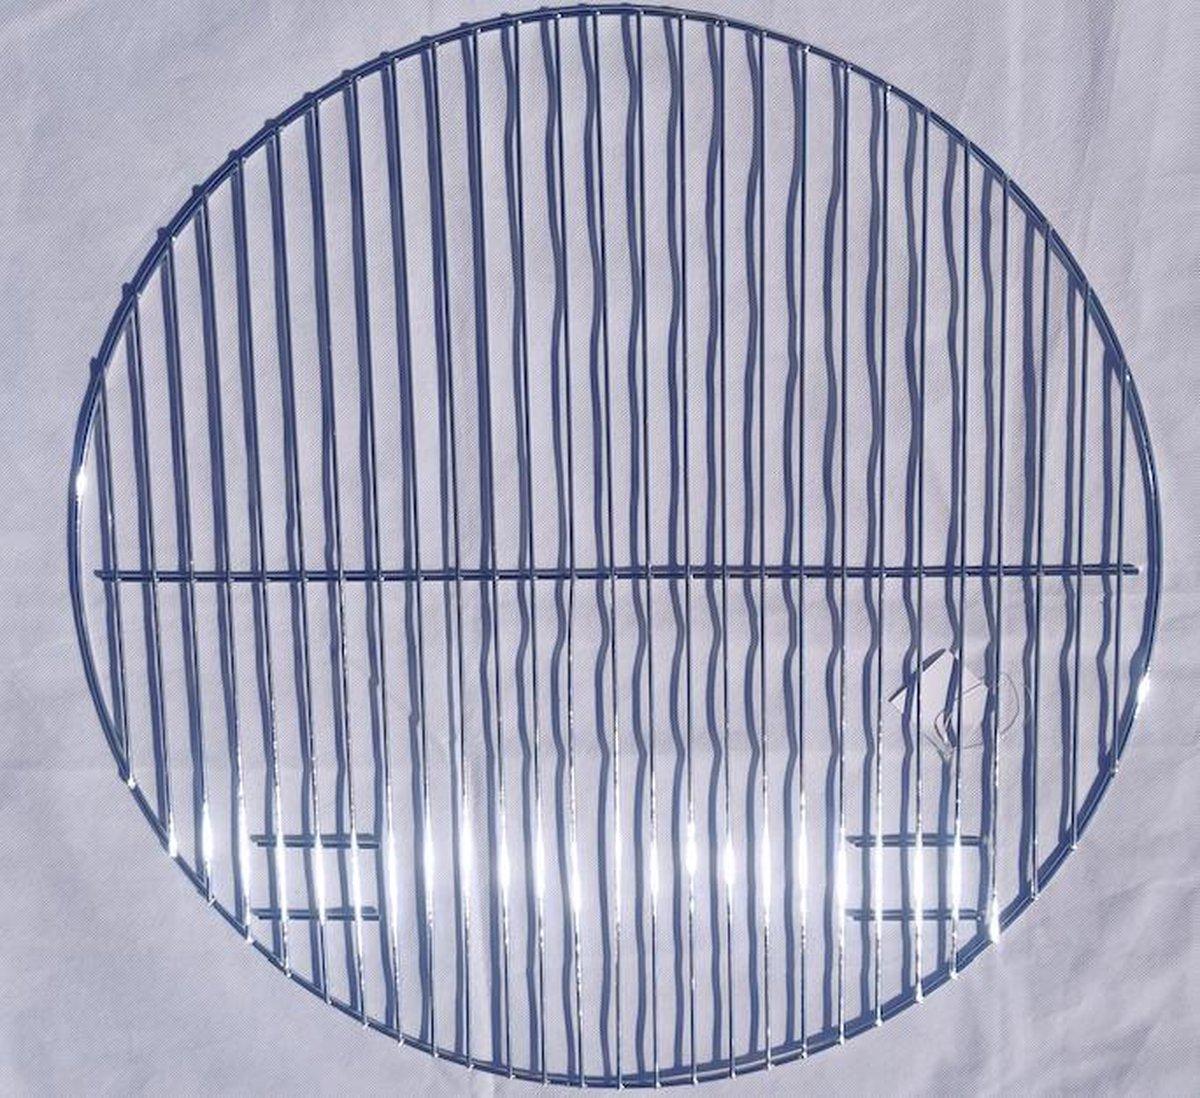 Jemati Grill rooster roestvrij staal 54,5 cm doorsneede - BBQ Rooster - Kolen BBQ - Barbecue RVS verchroomd -